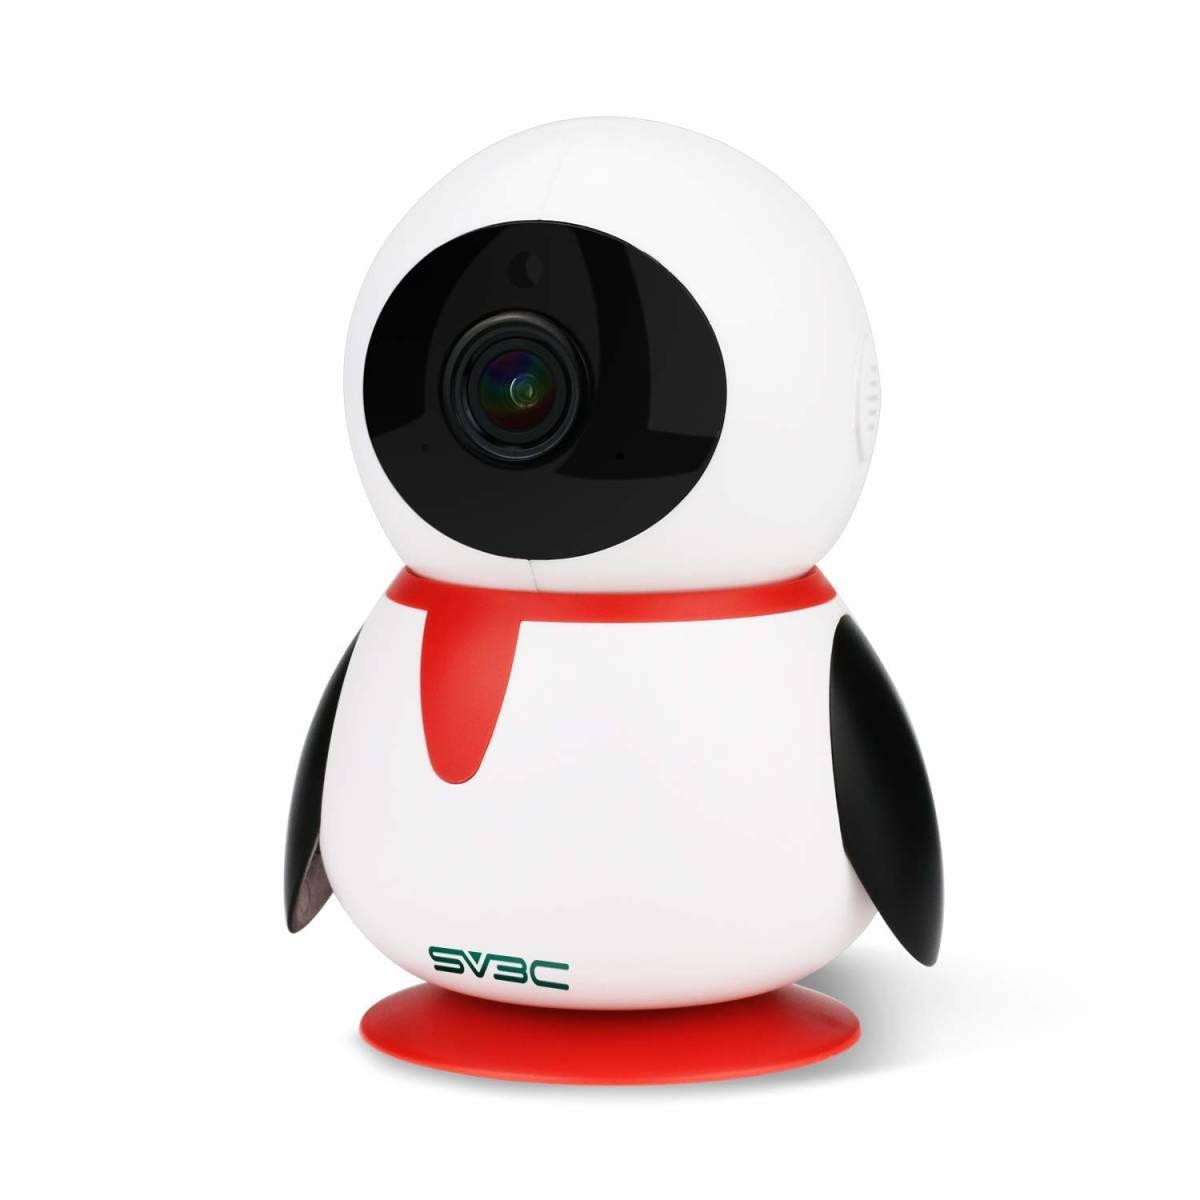 【新品未使用】ネットワークカメラ WiFi 1080P 200万画素 監視カメラ ipカメラ ベビーモニター 双方向音声 暗視機能 録画可能 技適認証済み